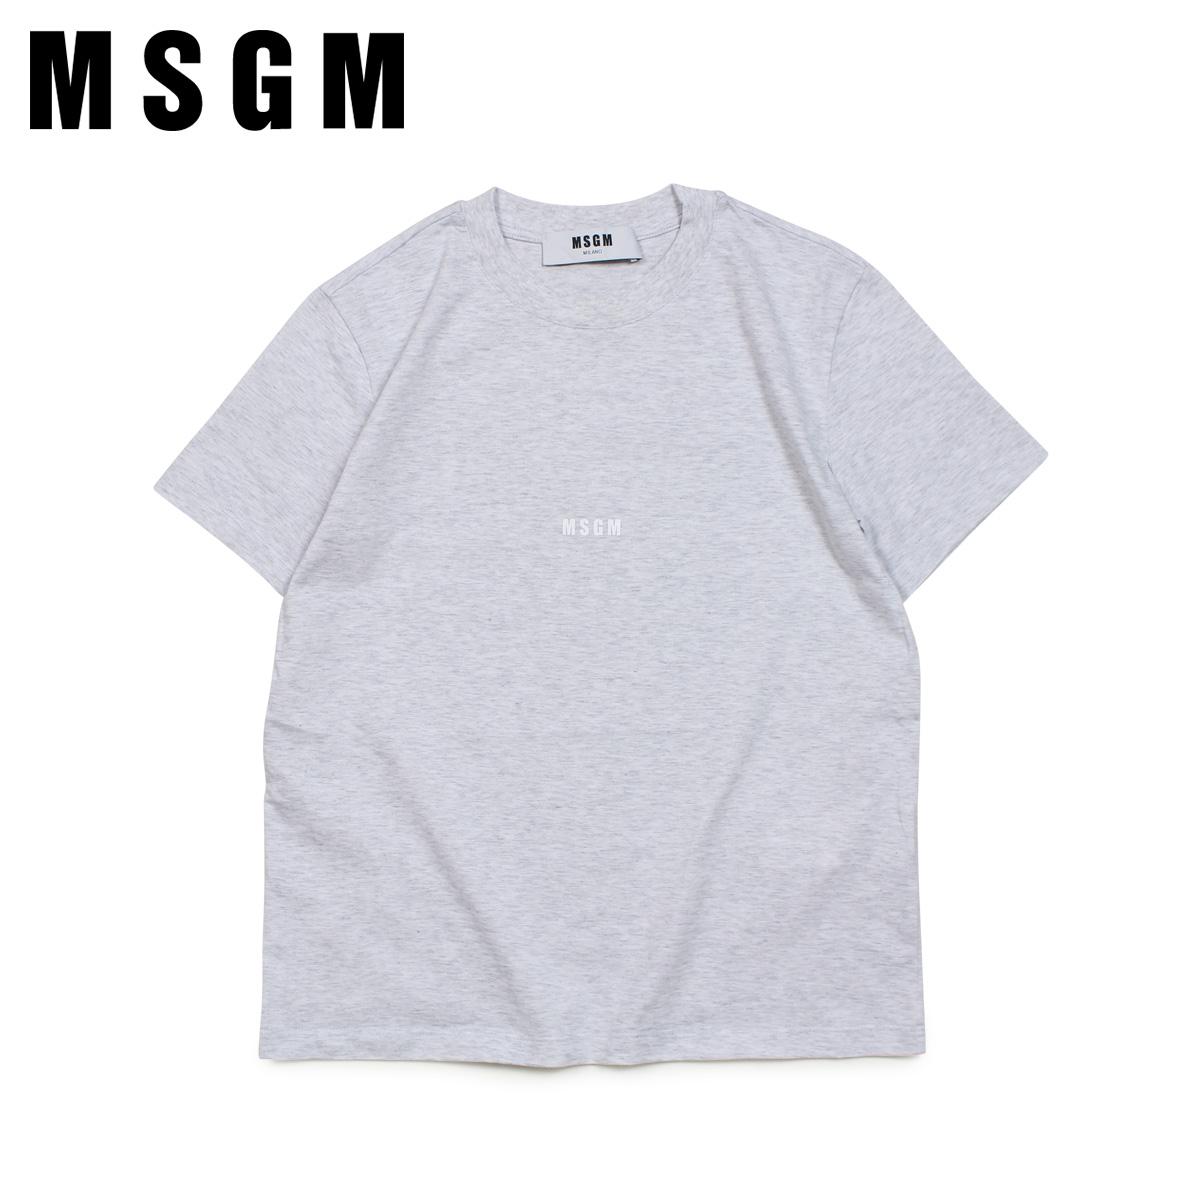 MSGM MICRO LOGO T-SHIRT エムエスジーエム Tシャツ 半袖 レディース グレー MDM100 94